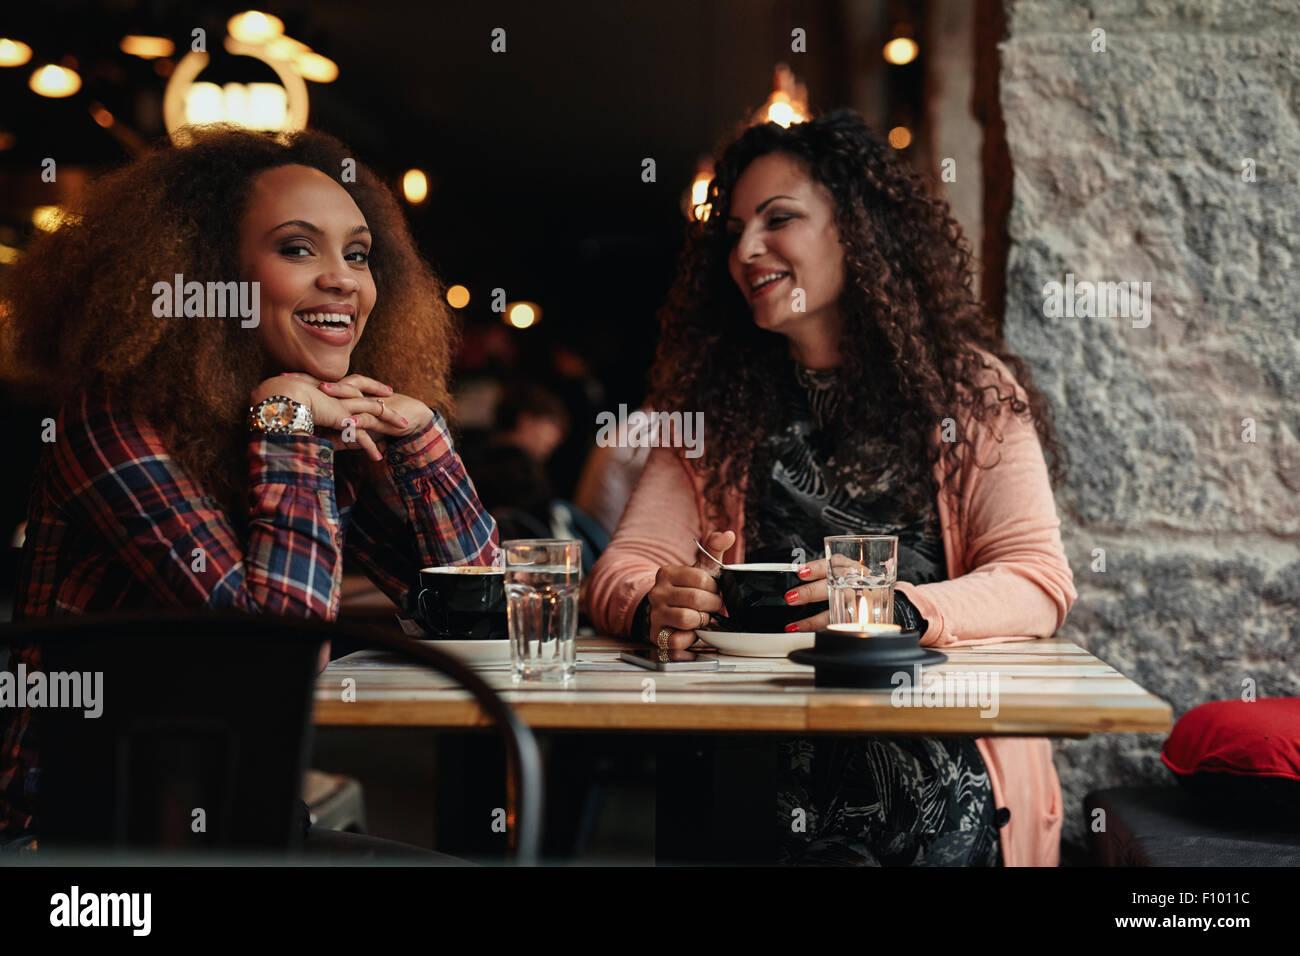 Due donne seduti al ristorante sorridente. Giovani amici in un bar, con uno che guarda in telecamera sorridente. Immagini Stock